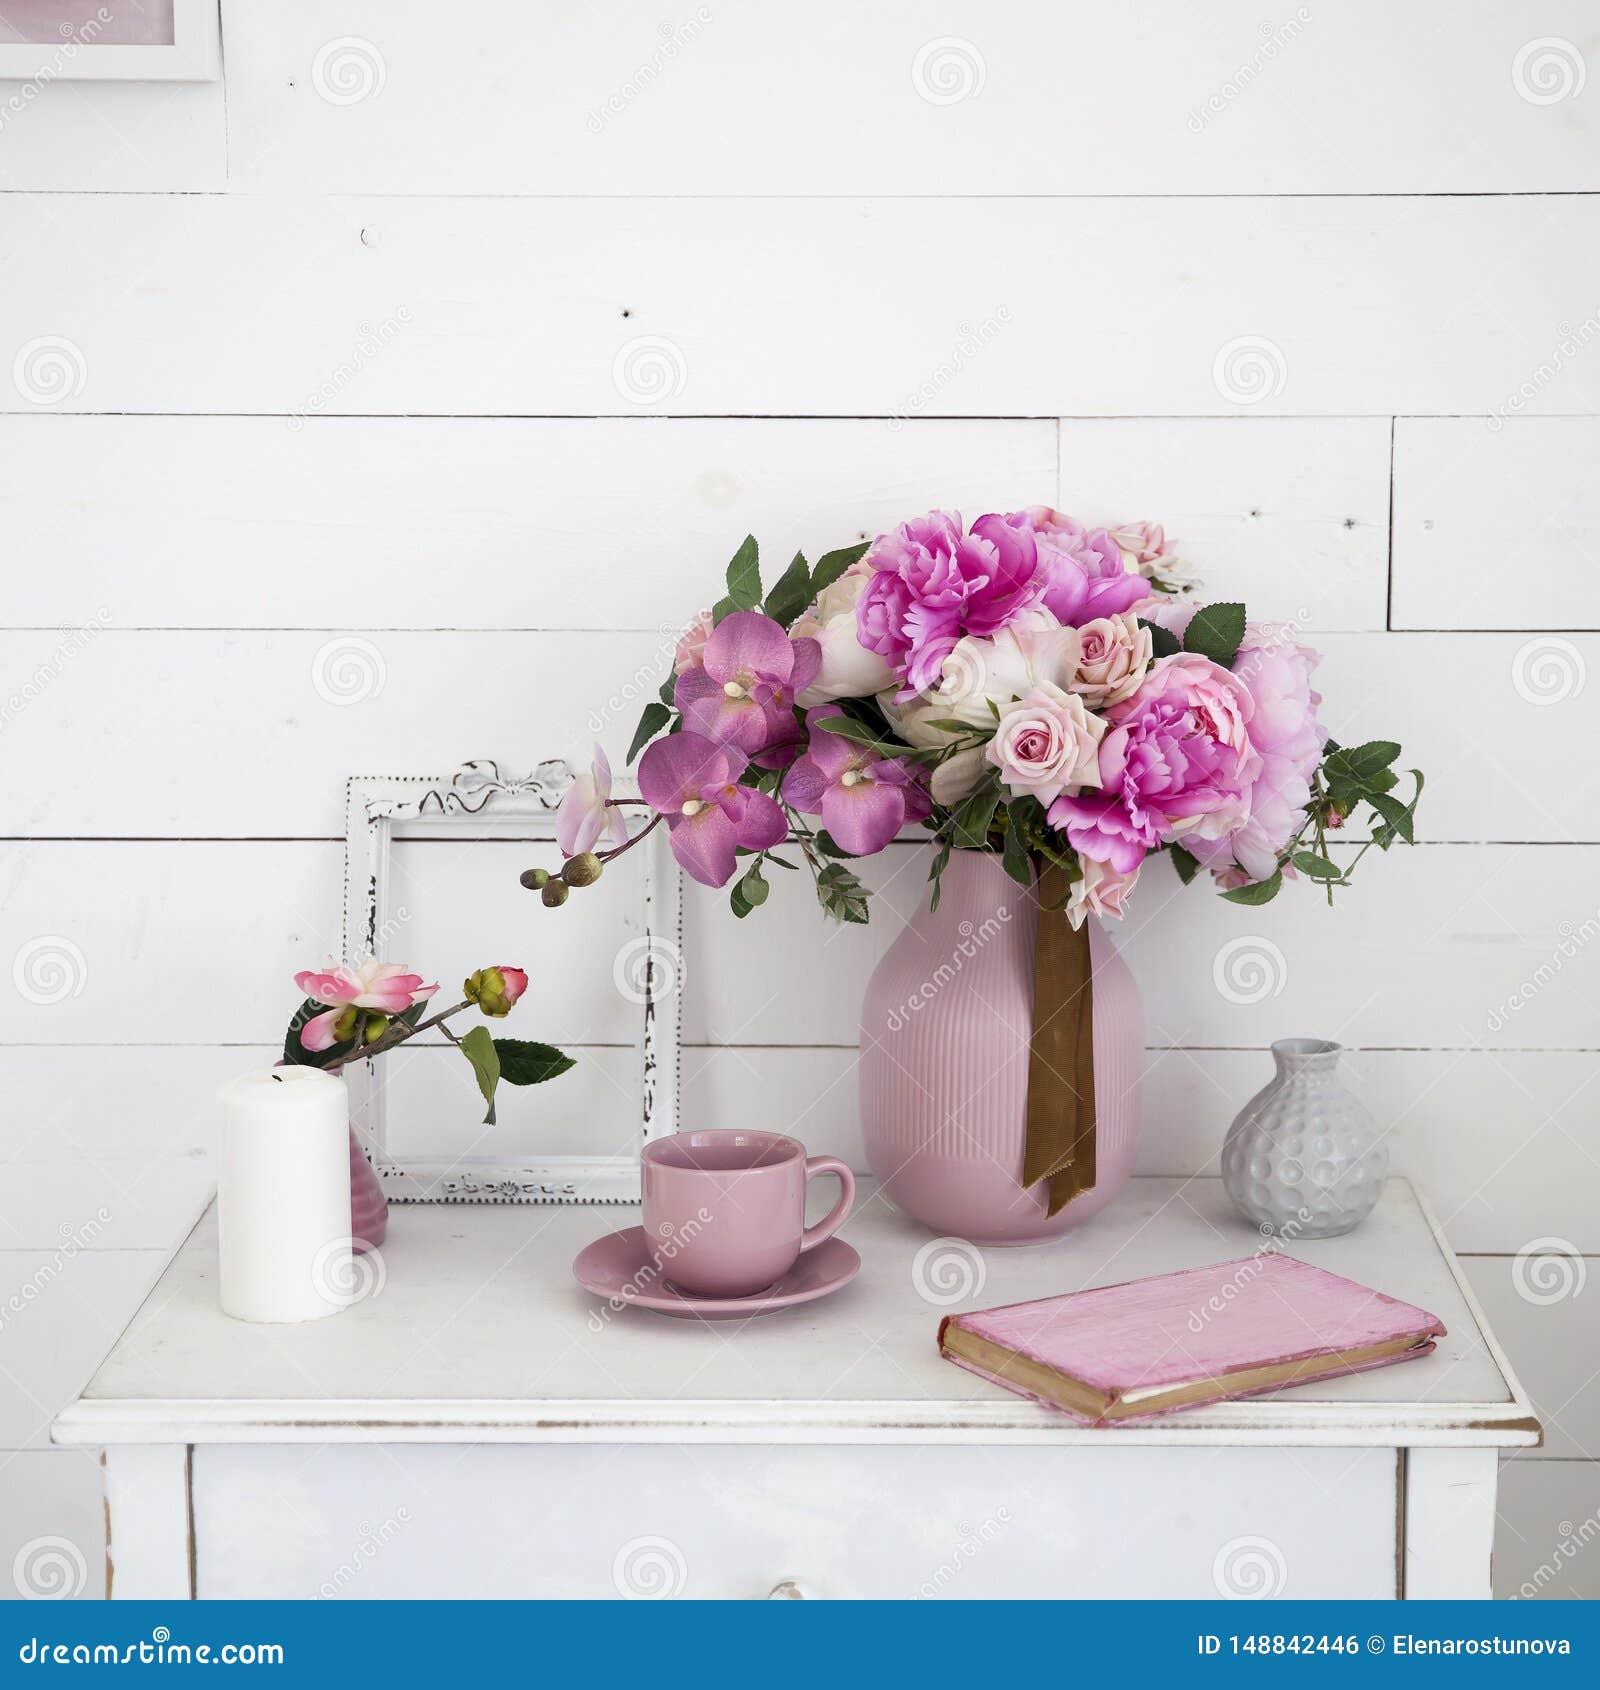 Букет орхидей, пионов, роз в керамической вазе на прикроватном столике и стога книг